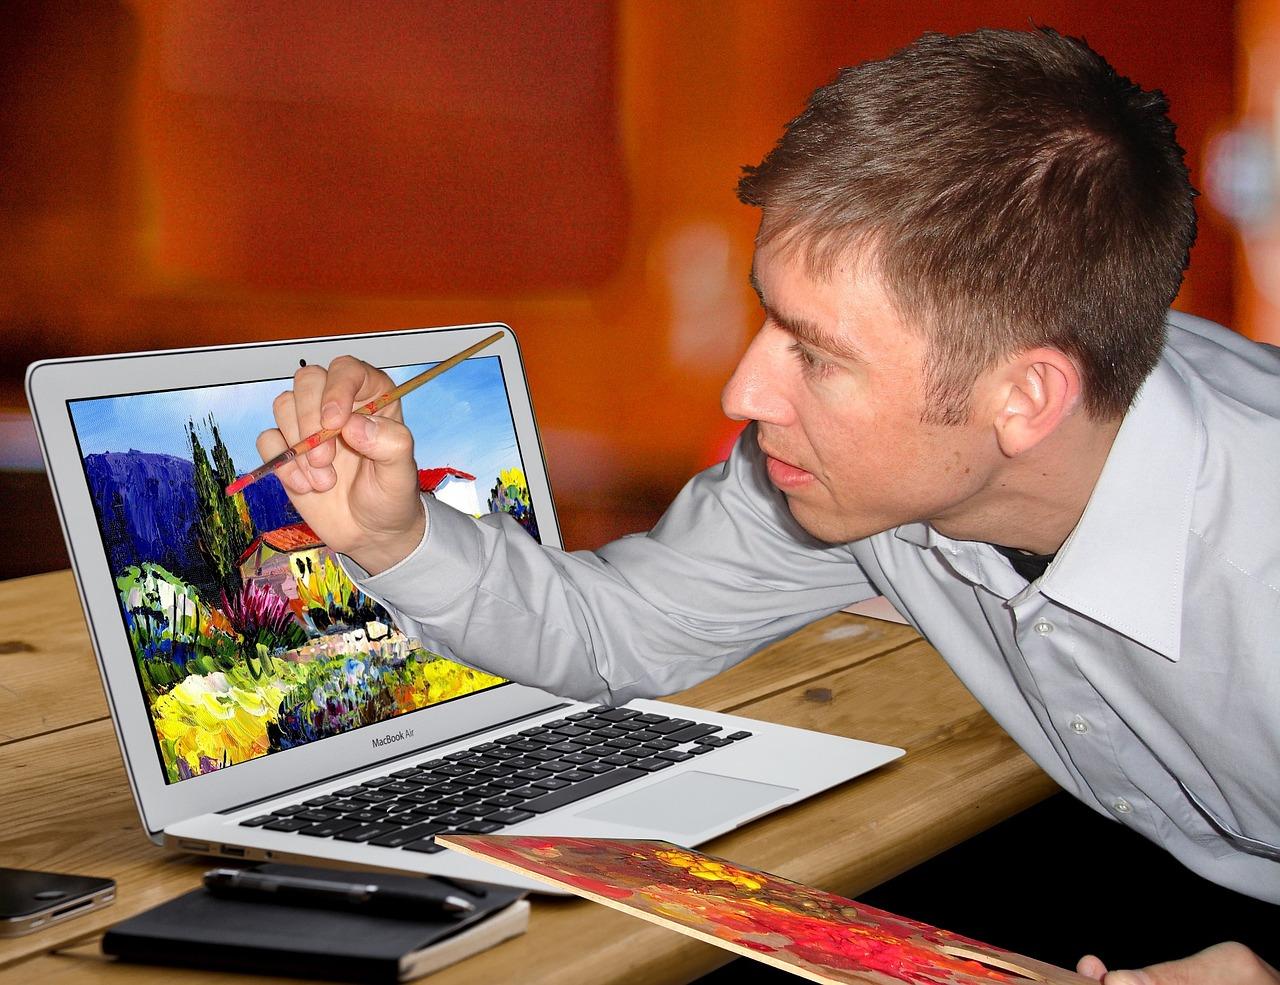 доме накопилось рисование на компьютере картинка современные потолочные